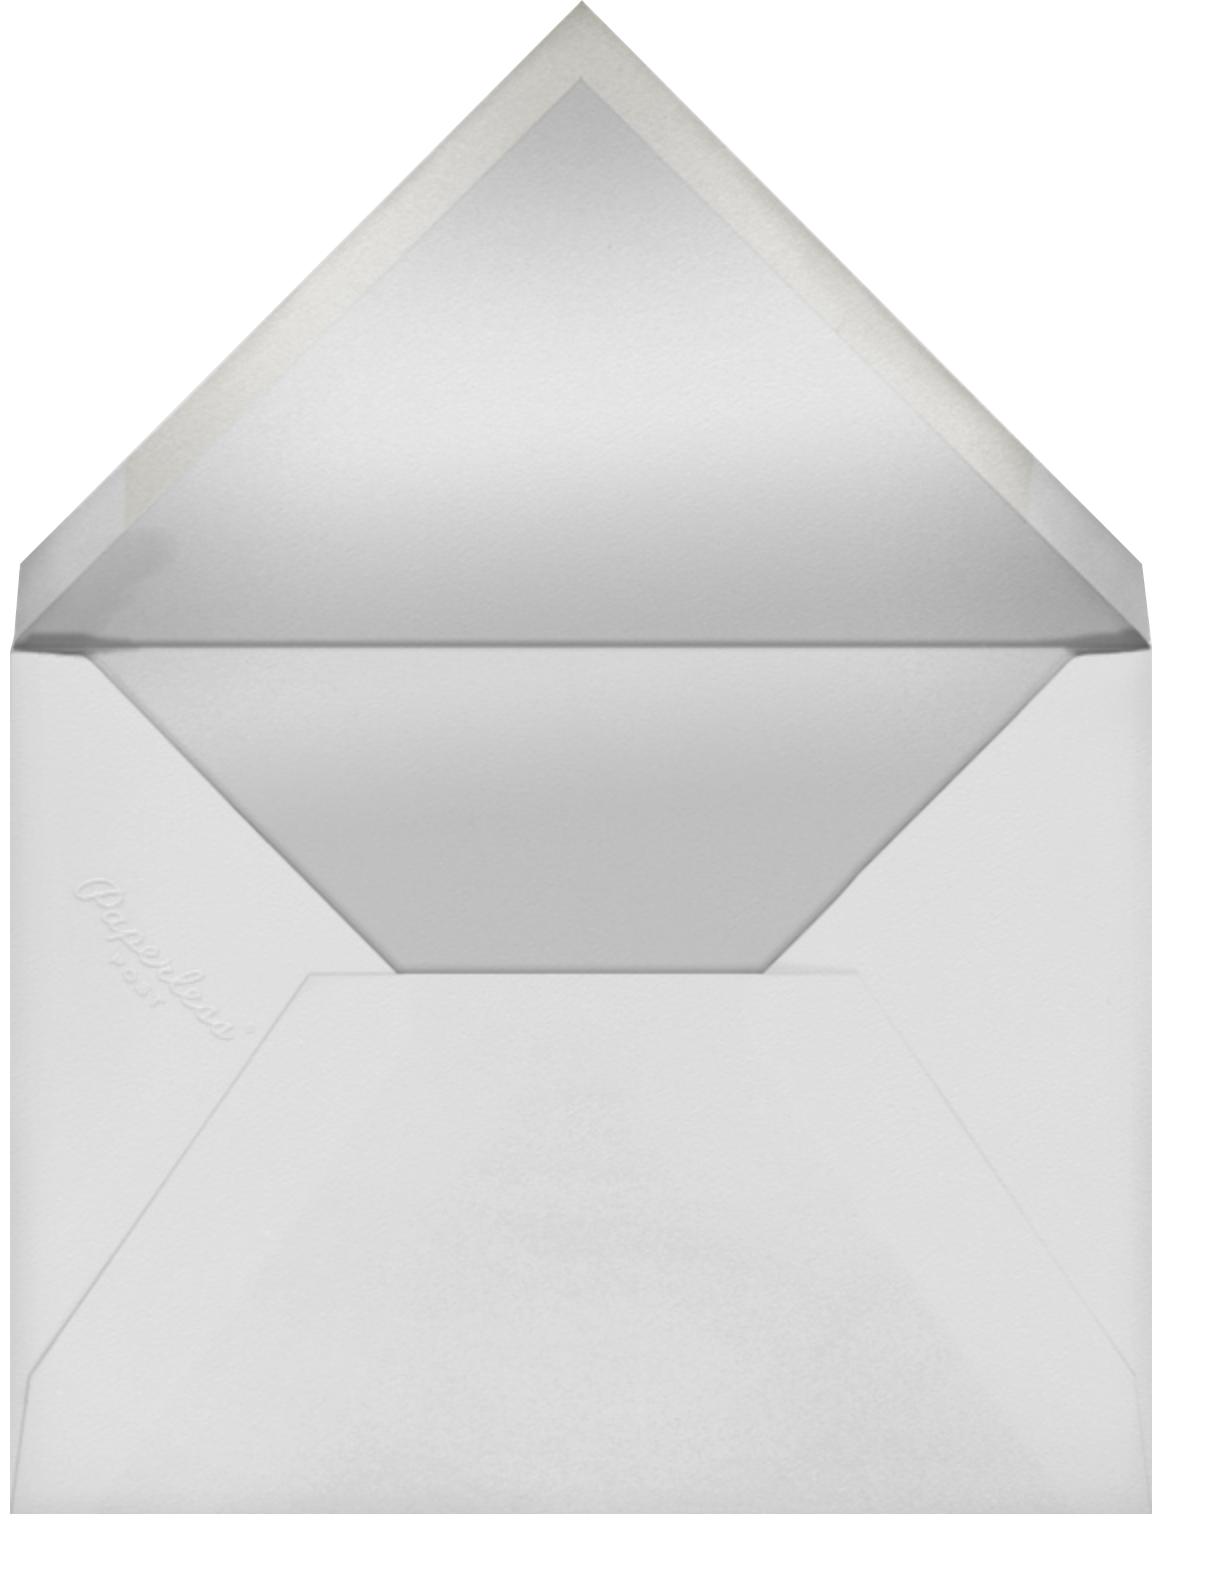 Rhône (Menu) - Paperless Post - Menus - envelope back